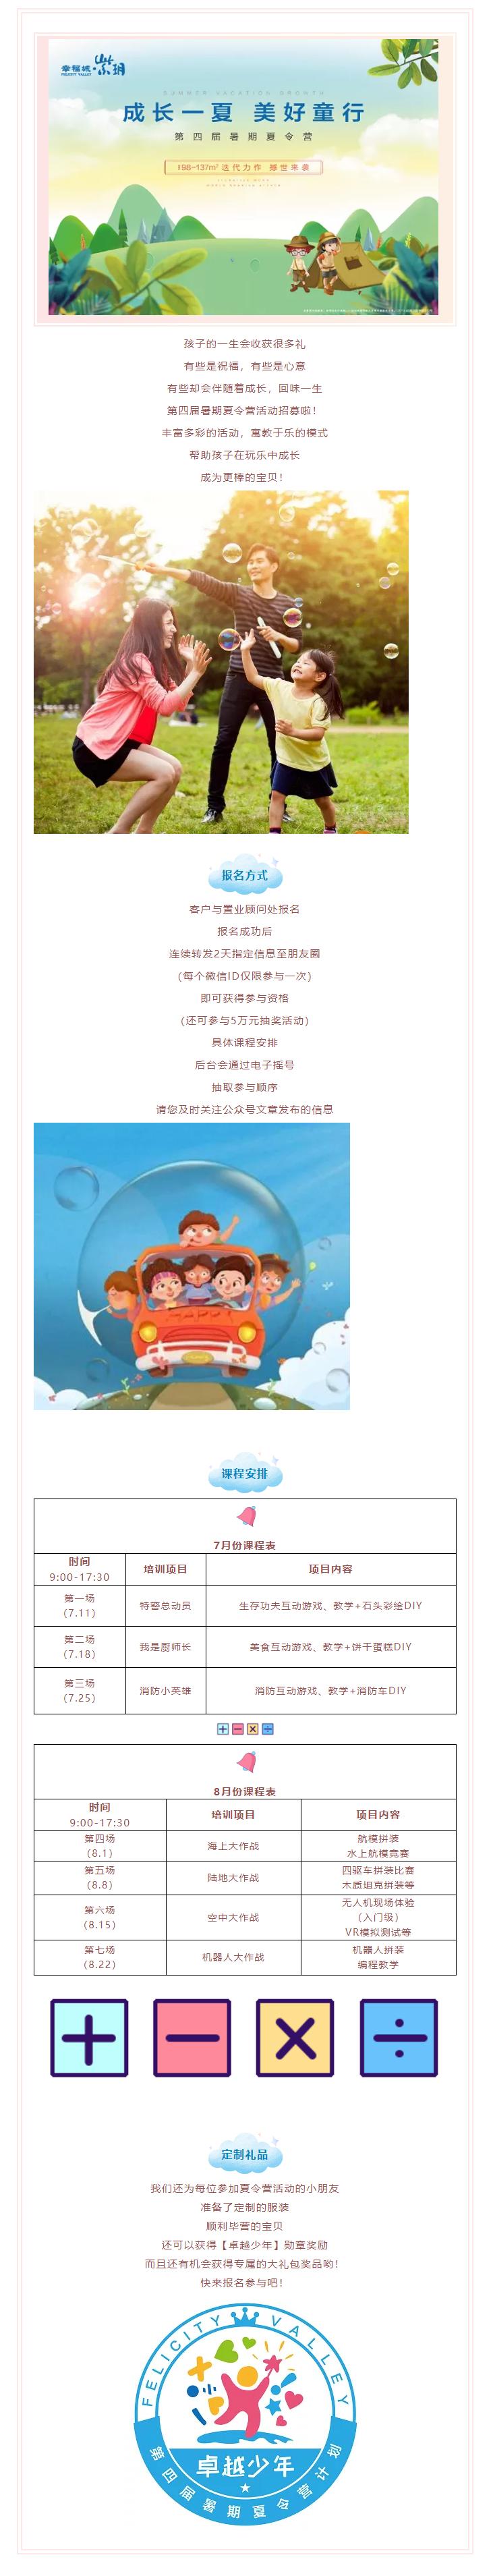 【招募啦】第四届暑期夏令营欢乐来袭!.png